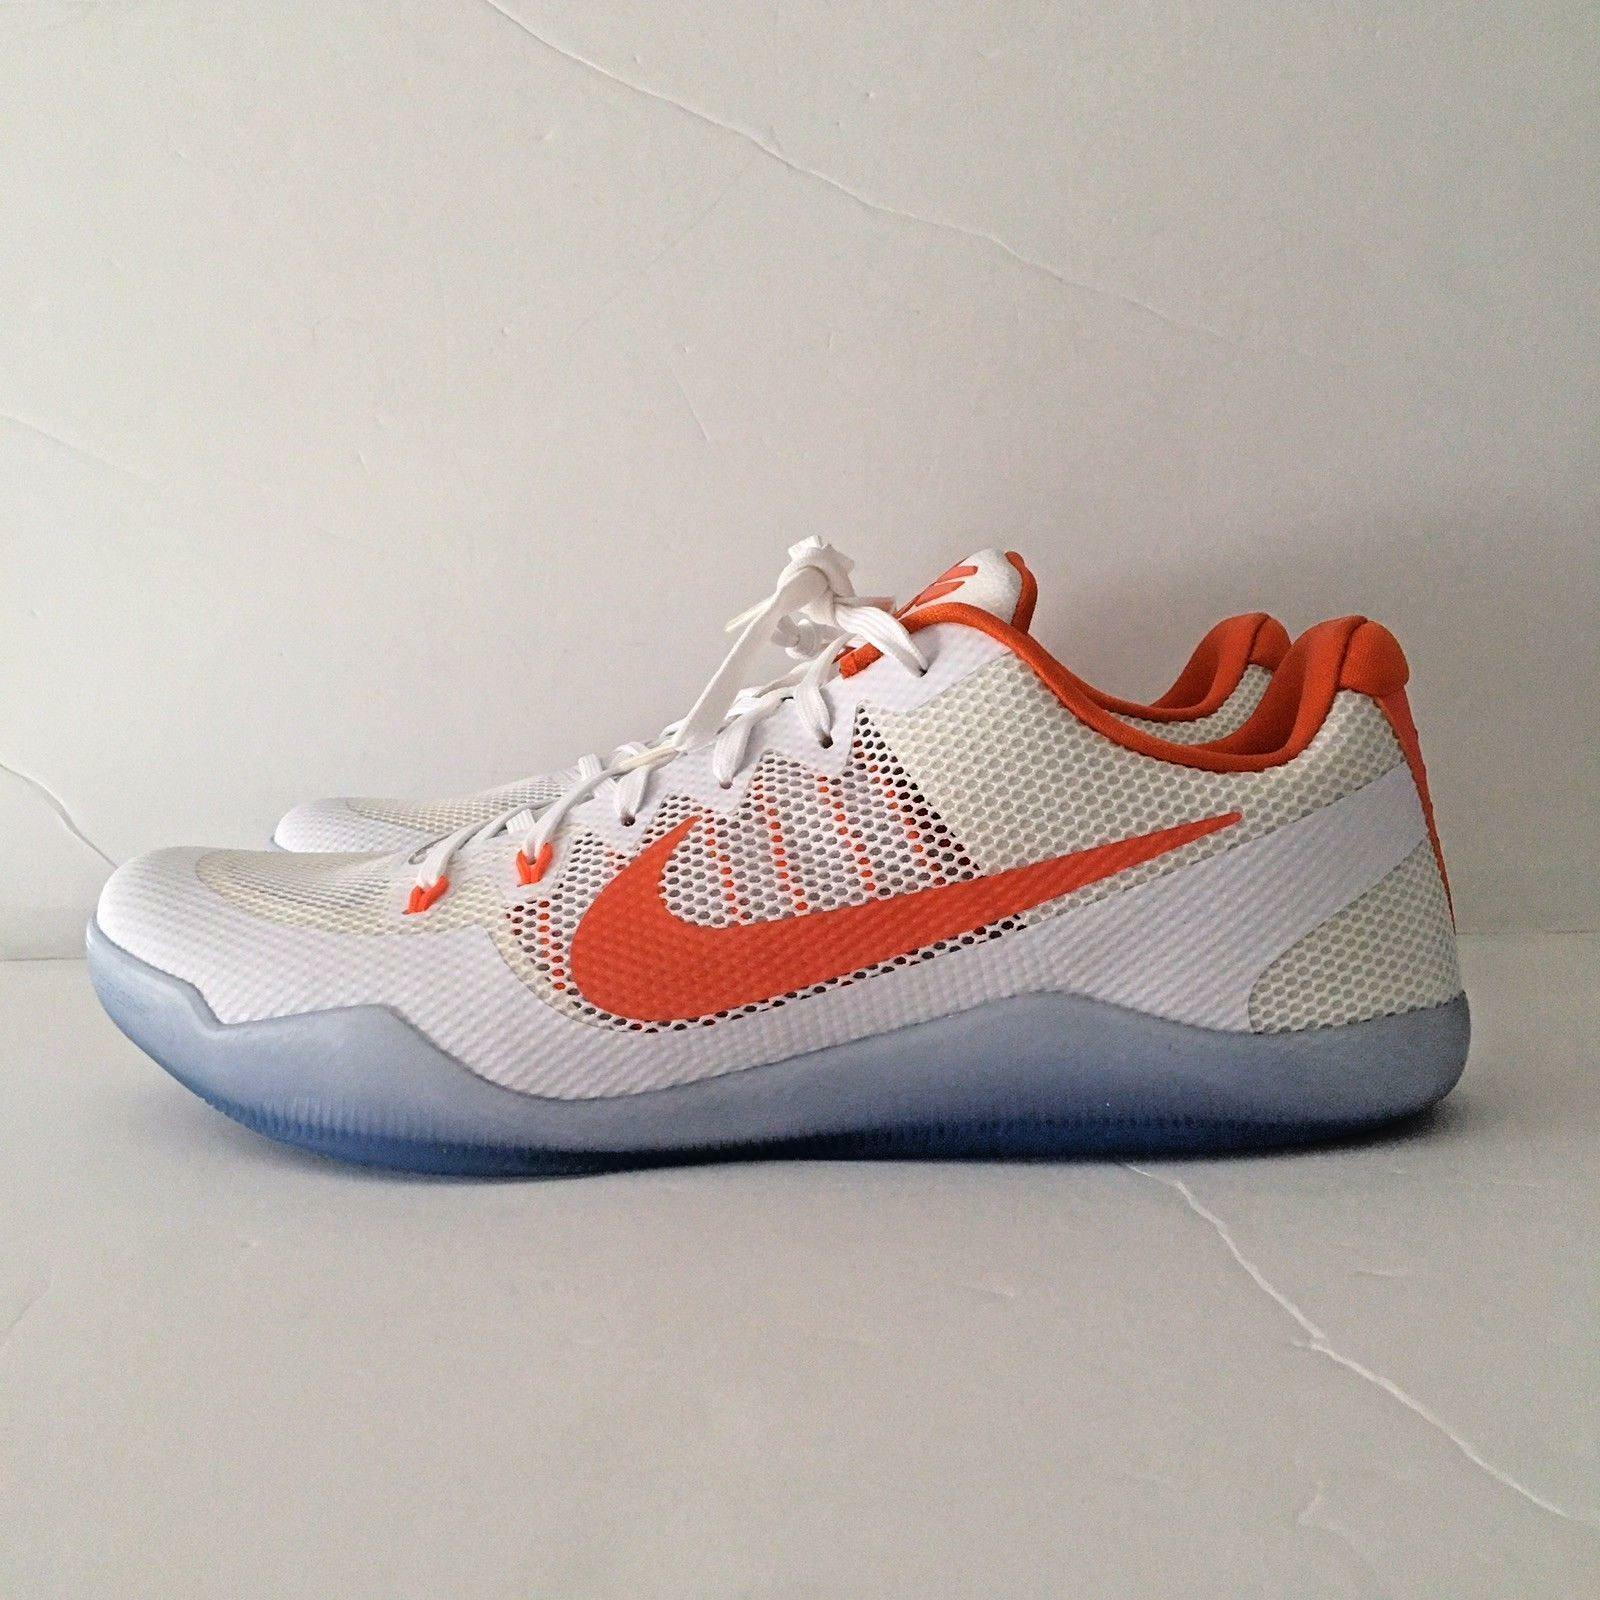 Nike männer kobe xi 11 11 xi tb unveröffentlichte promo - seltene größe (cm - 35). 1acccb